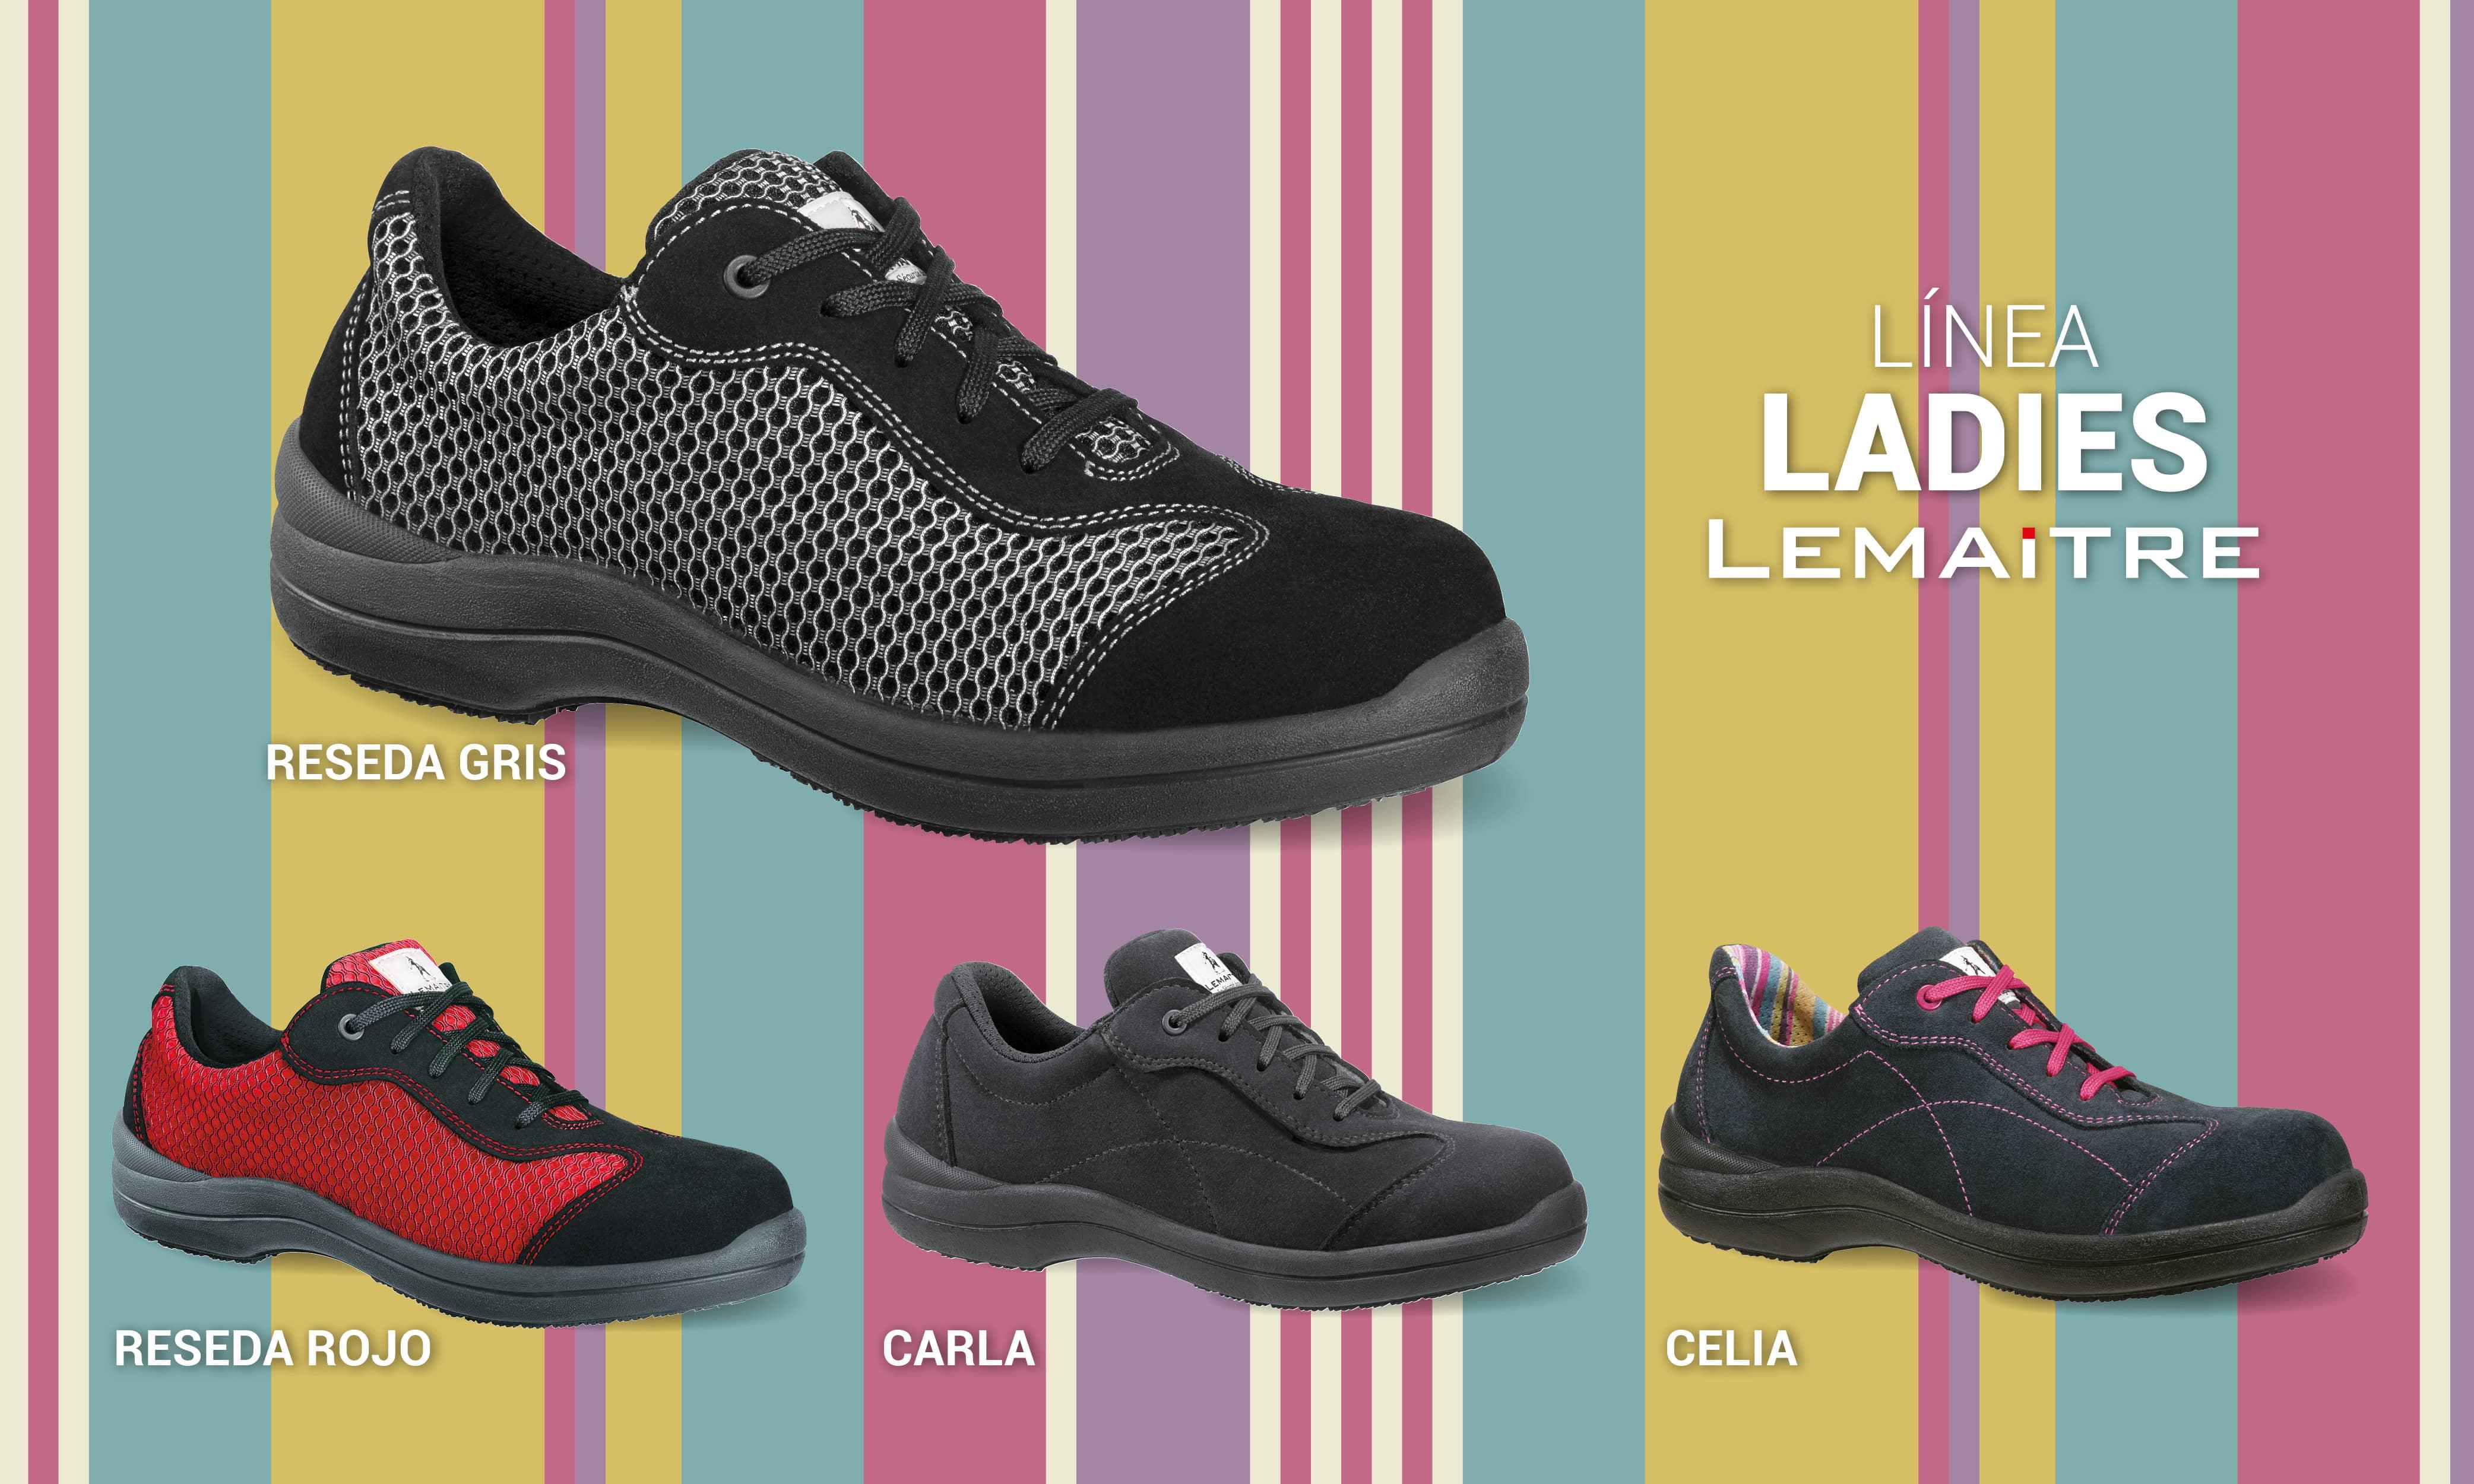 Calzado de seguridad para mujeres / Linea Ladies de Lamaitre